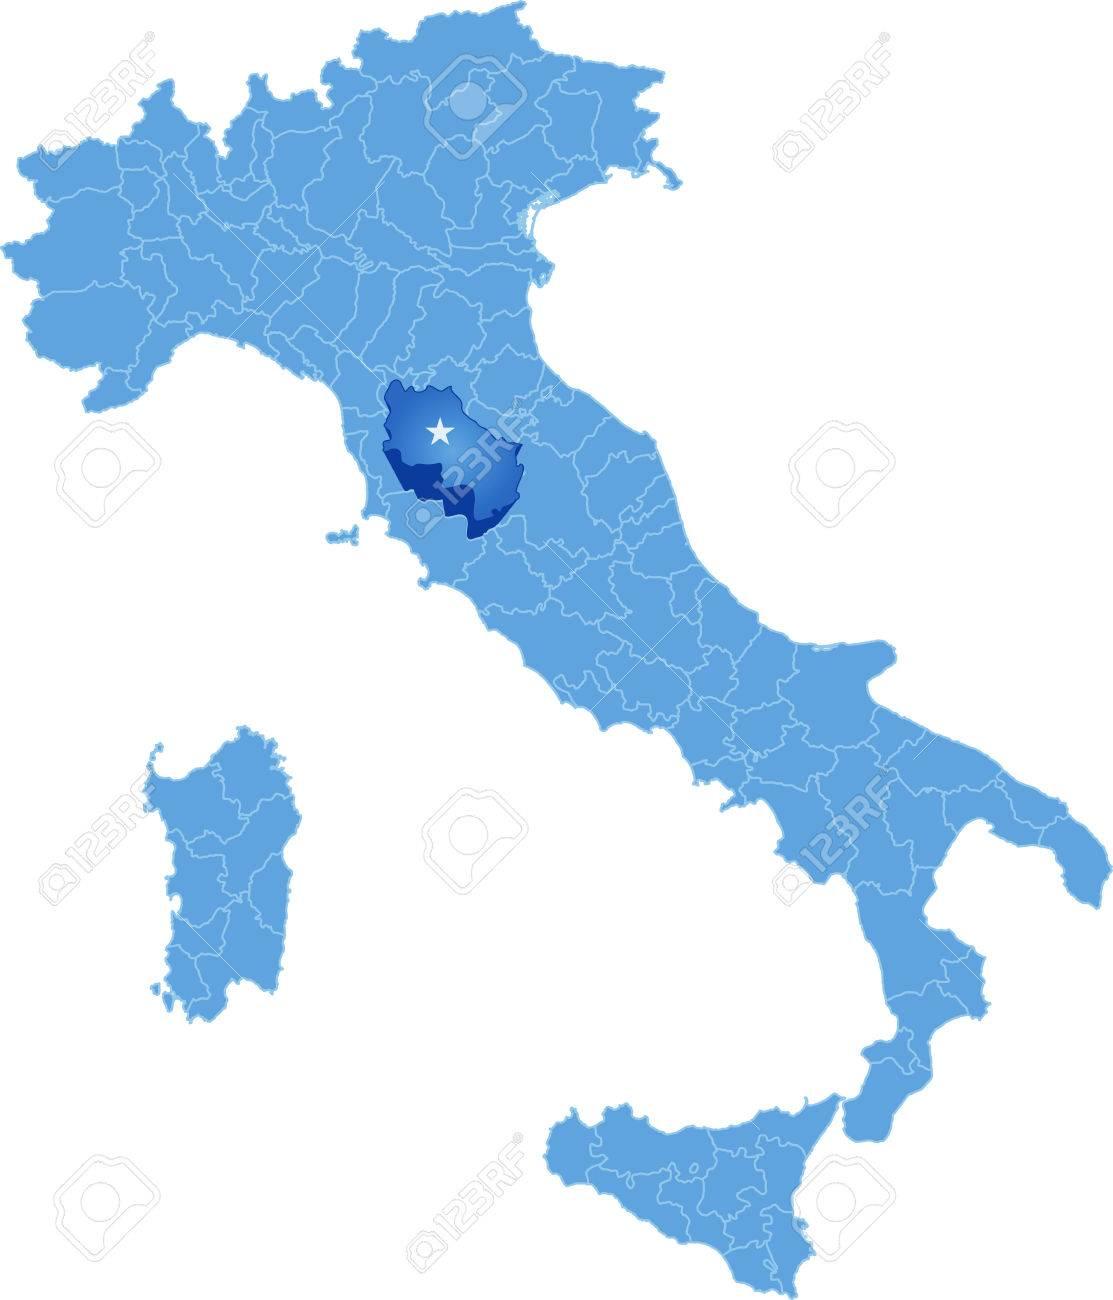 Cartina Italia Siena.Vettoriale Mappa D Italia Dove Provincia Di Siena E Tirato Fuori Isolato Su Sfondo Bianco Image 44929901